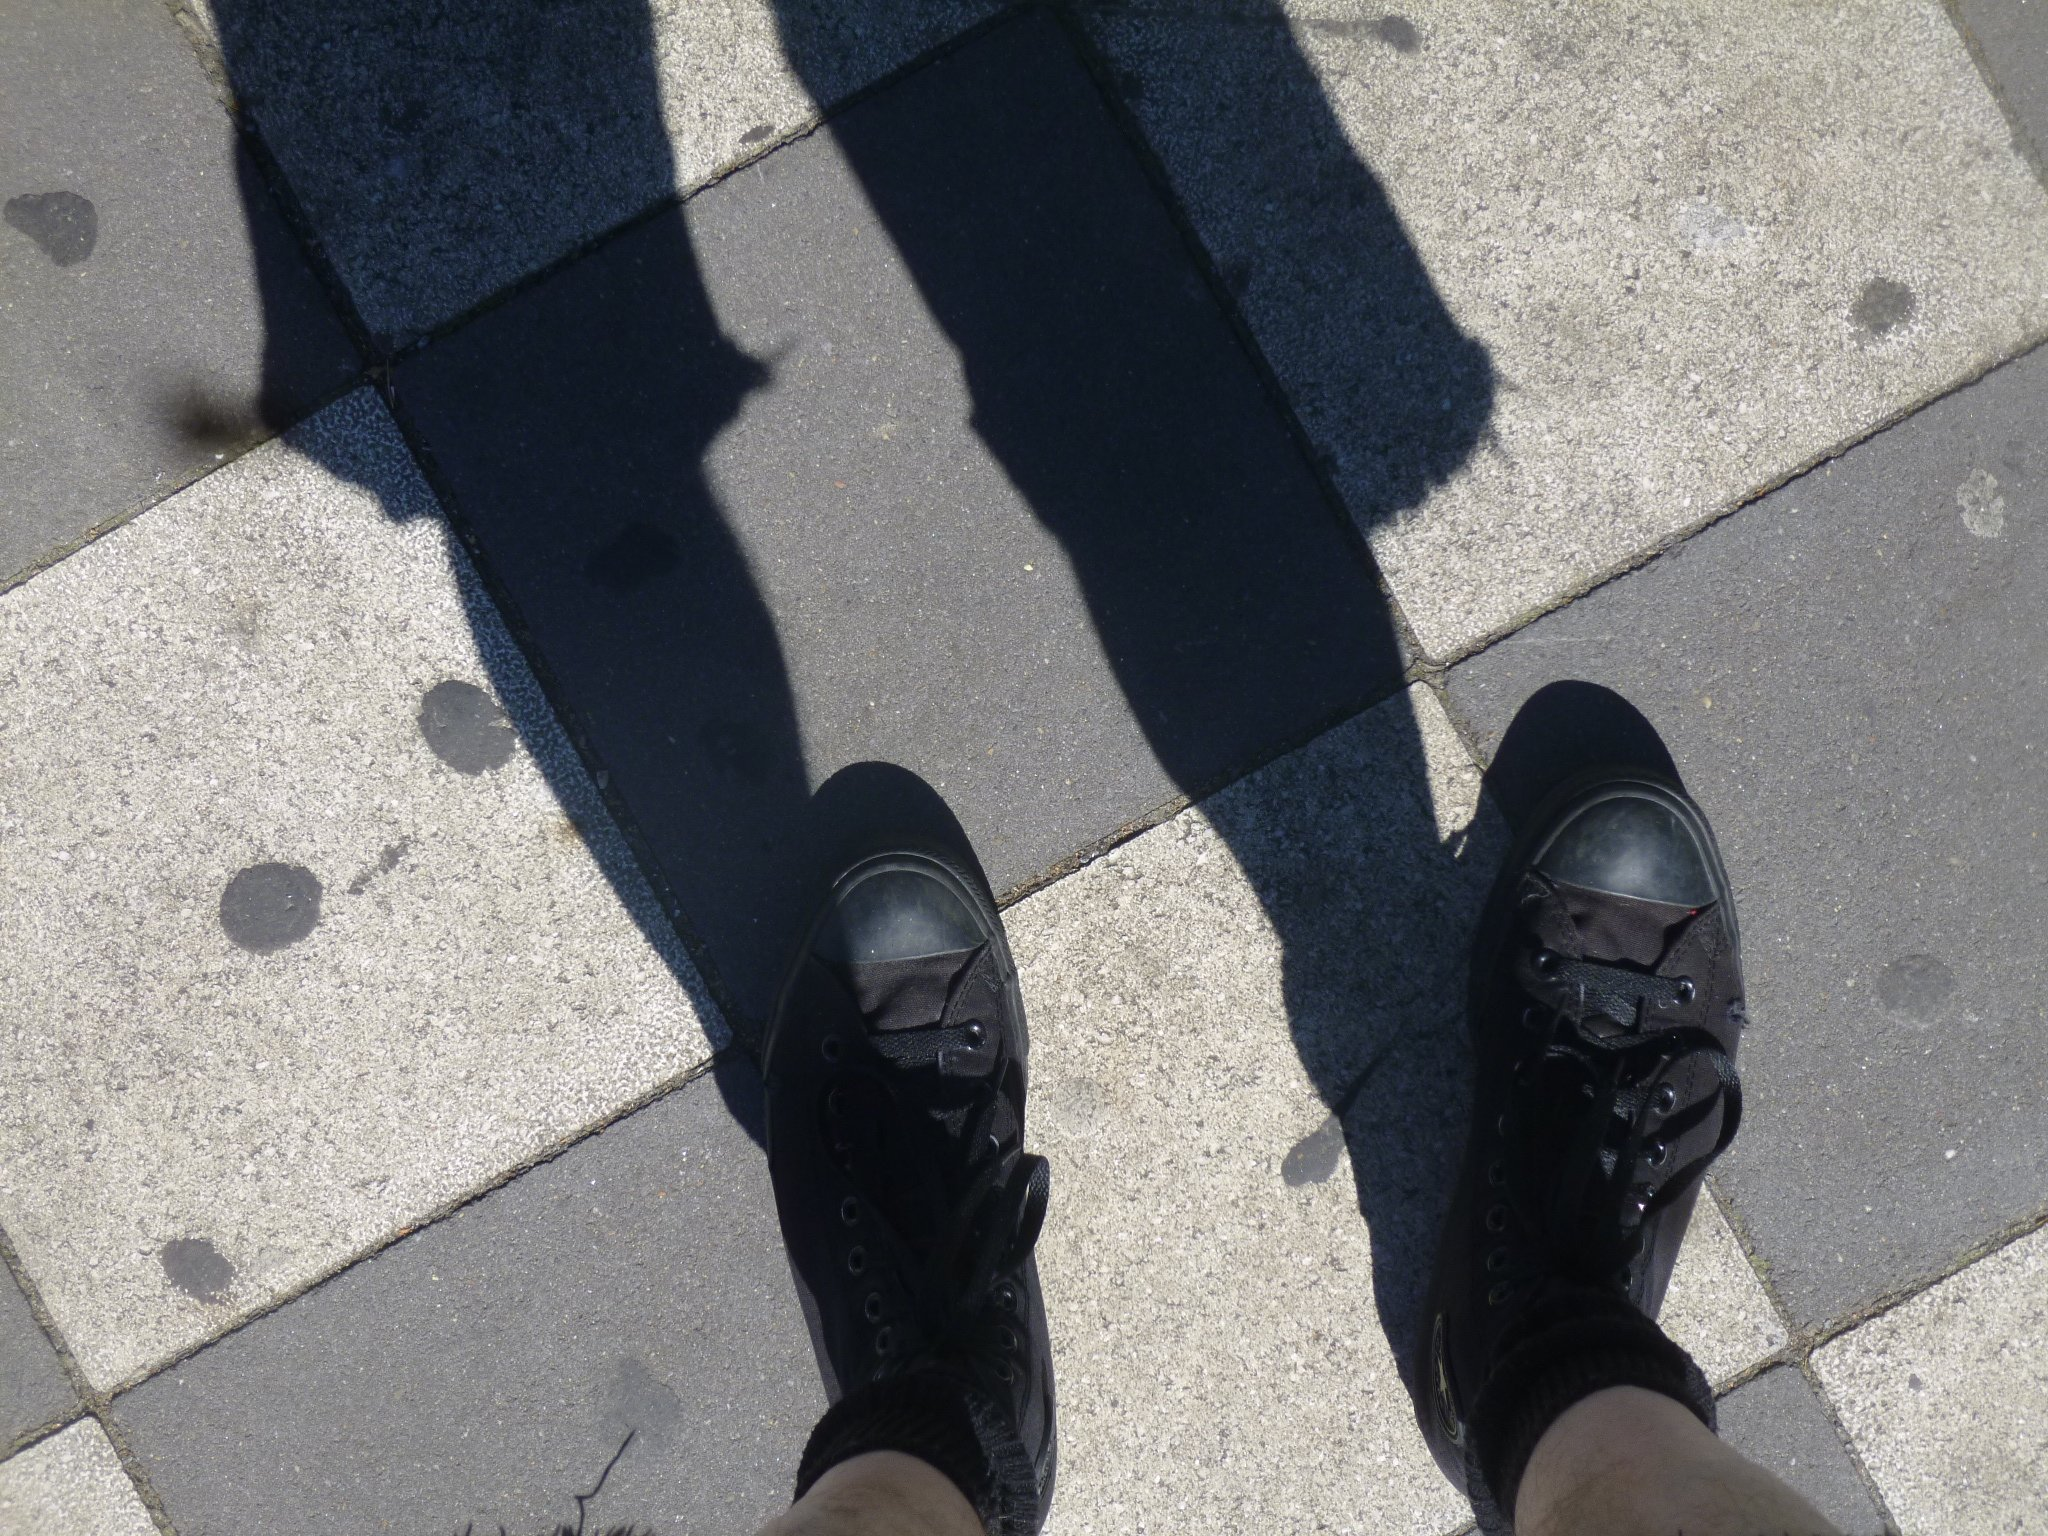 Schuhe - Schatten - Schachbrettmuster